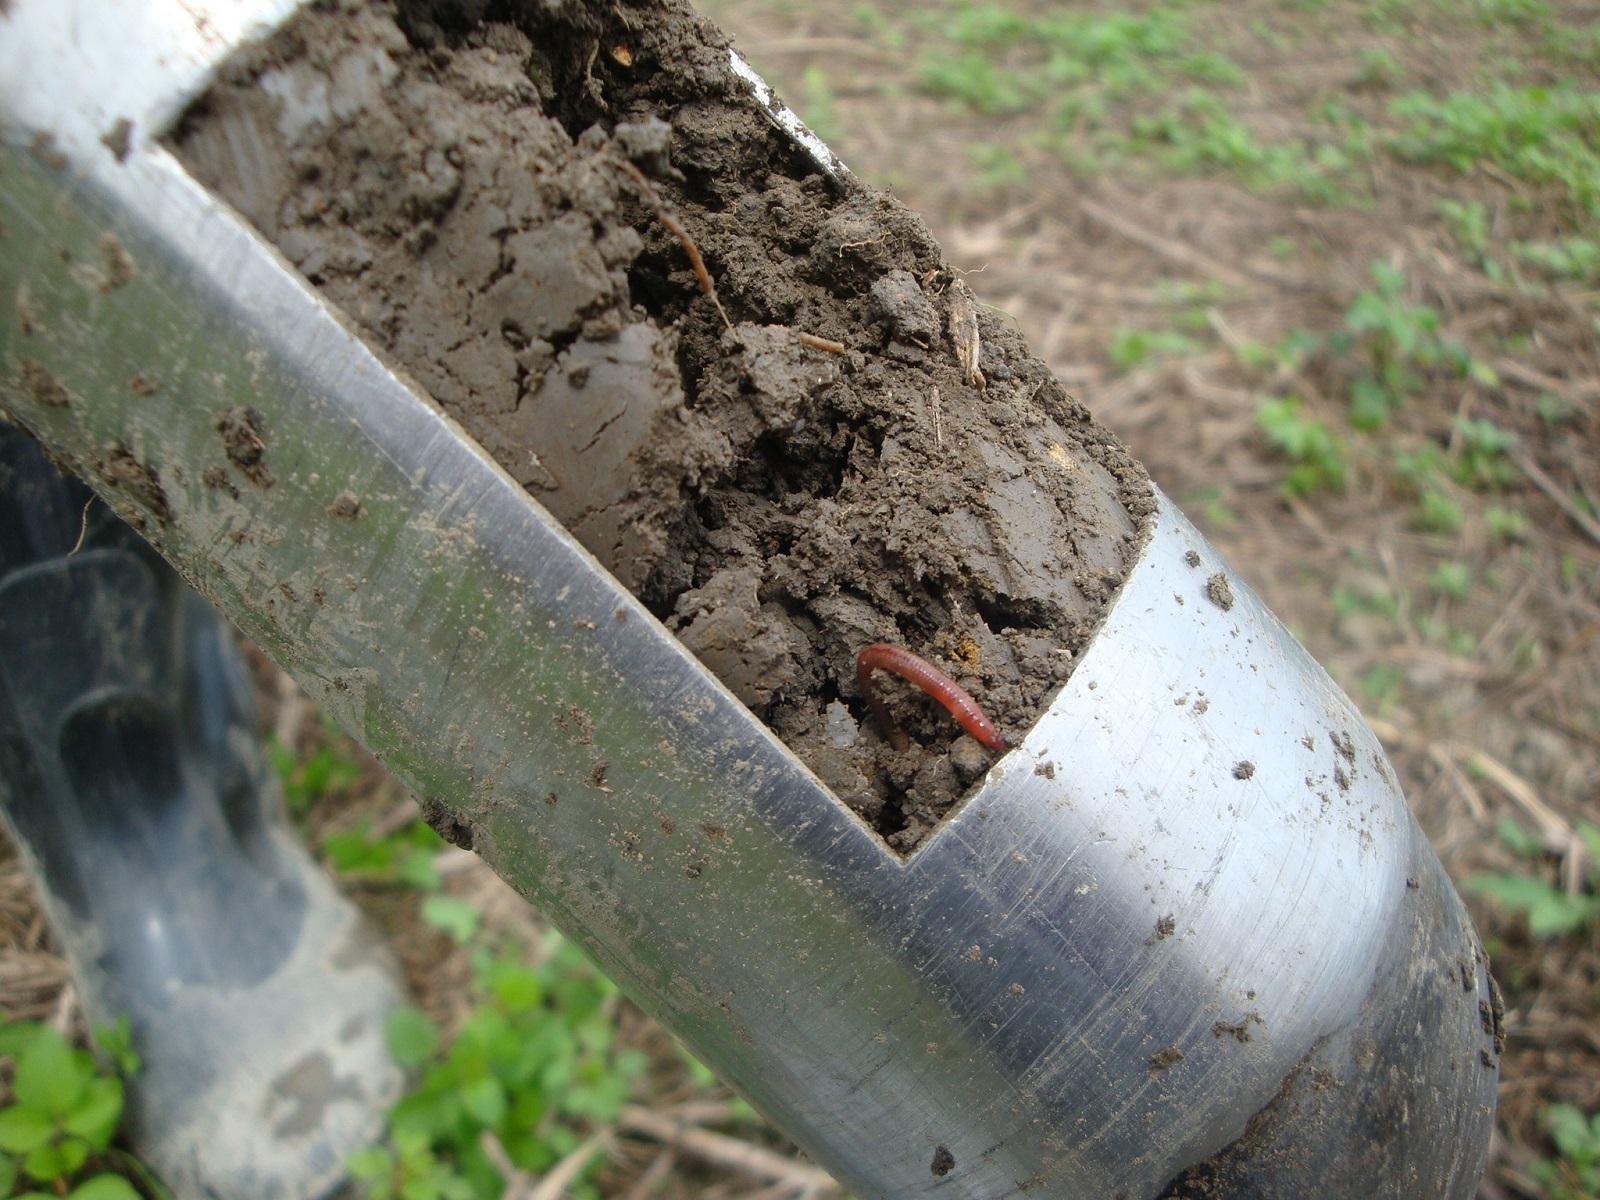 定期進行土壤採樣與分析,可作為全年施肥參考依據